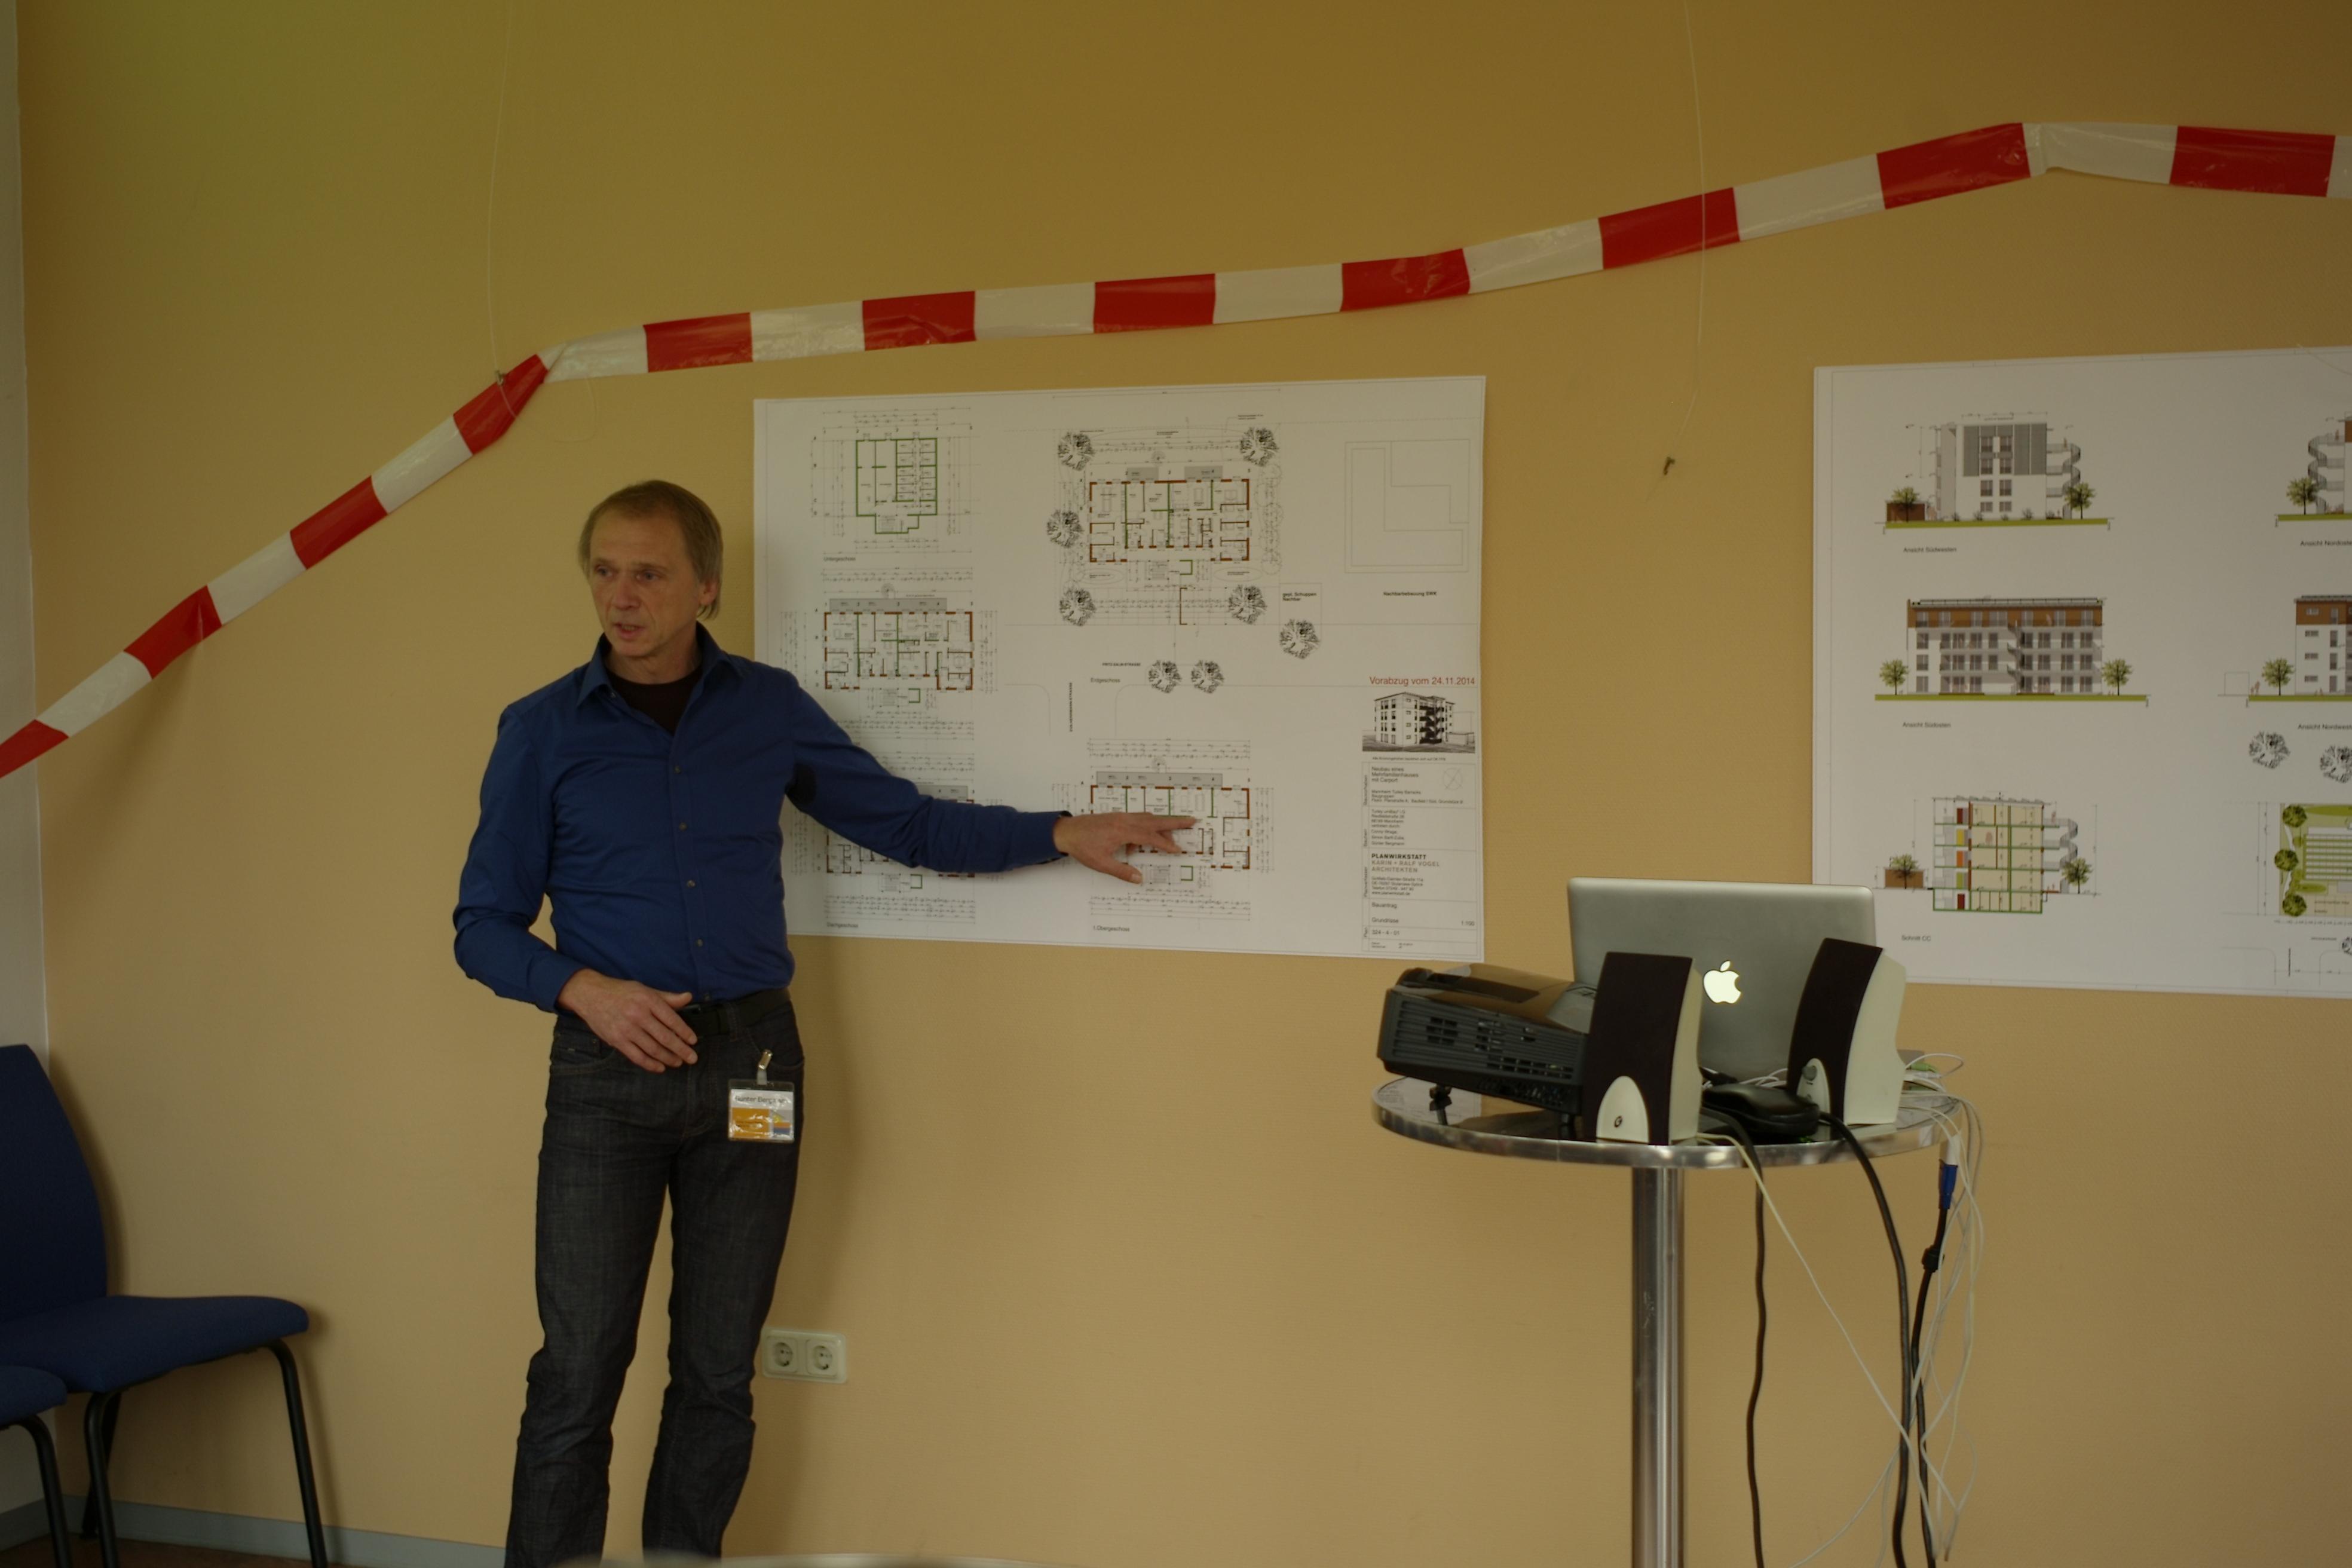 g nstig mieten und zentral wohnen in mannheim mit umbau. Black Bedroom Furniture Sets. Home Design Ideas